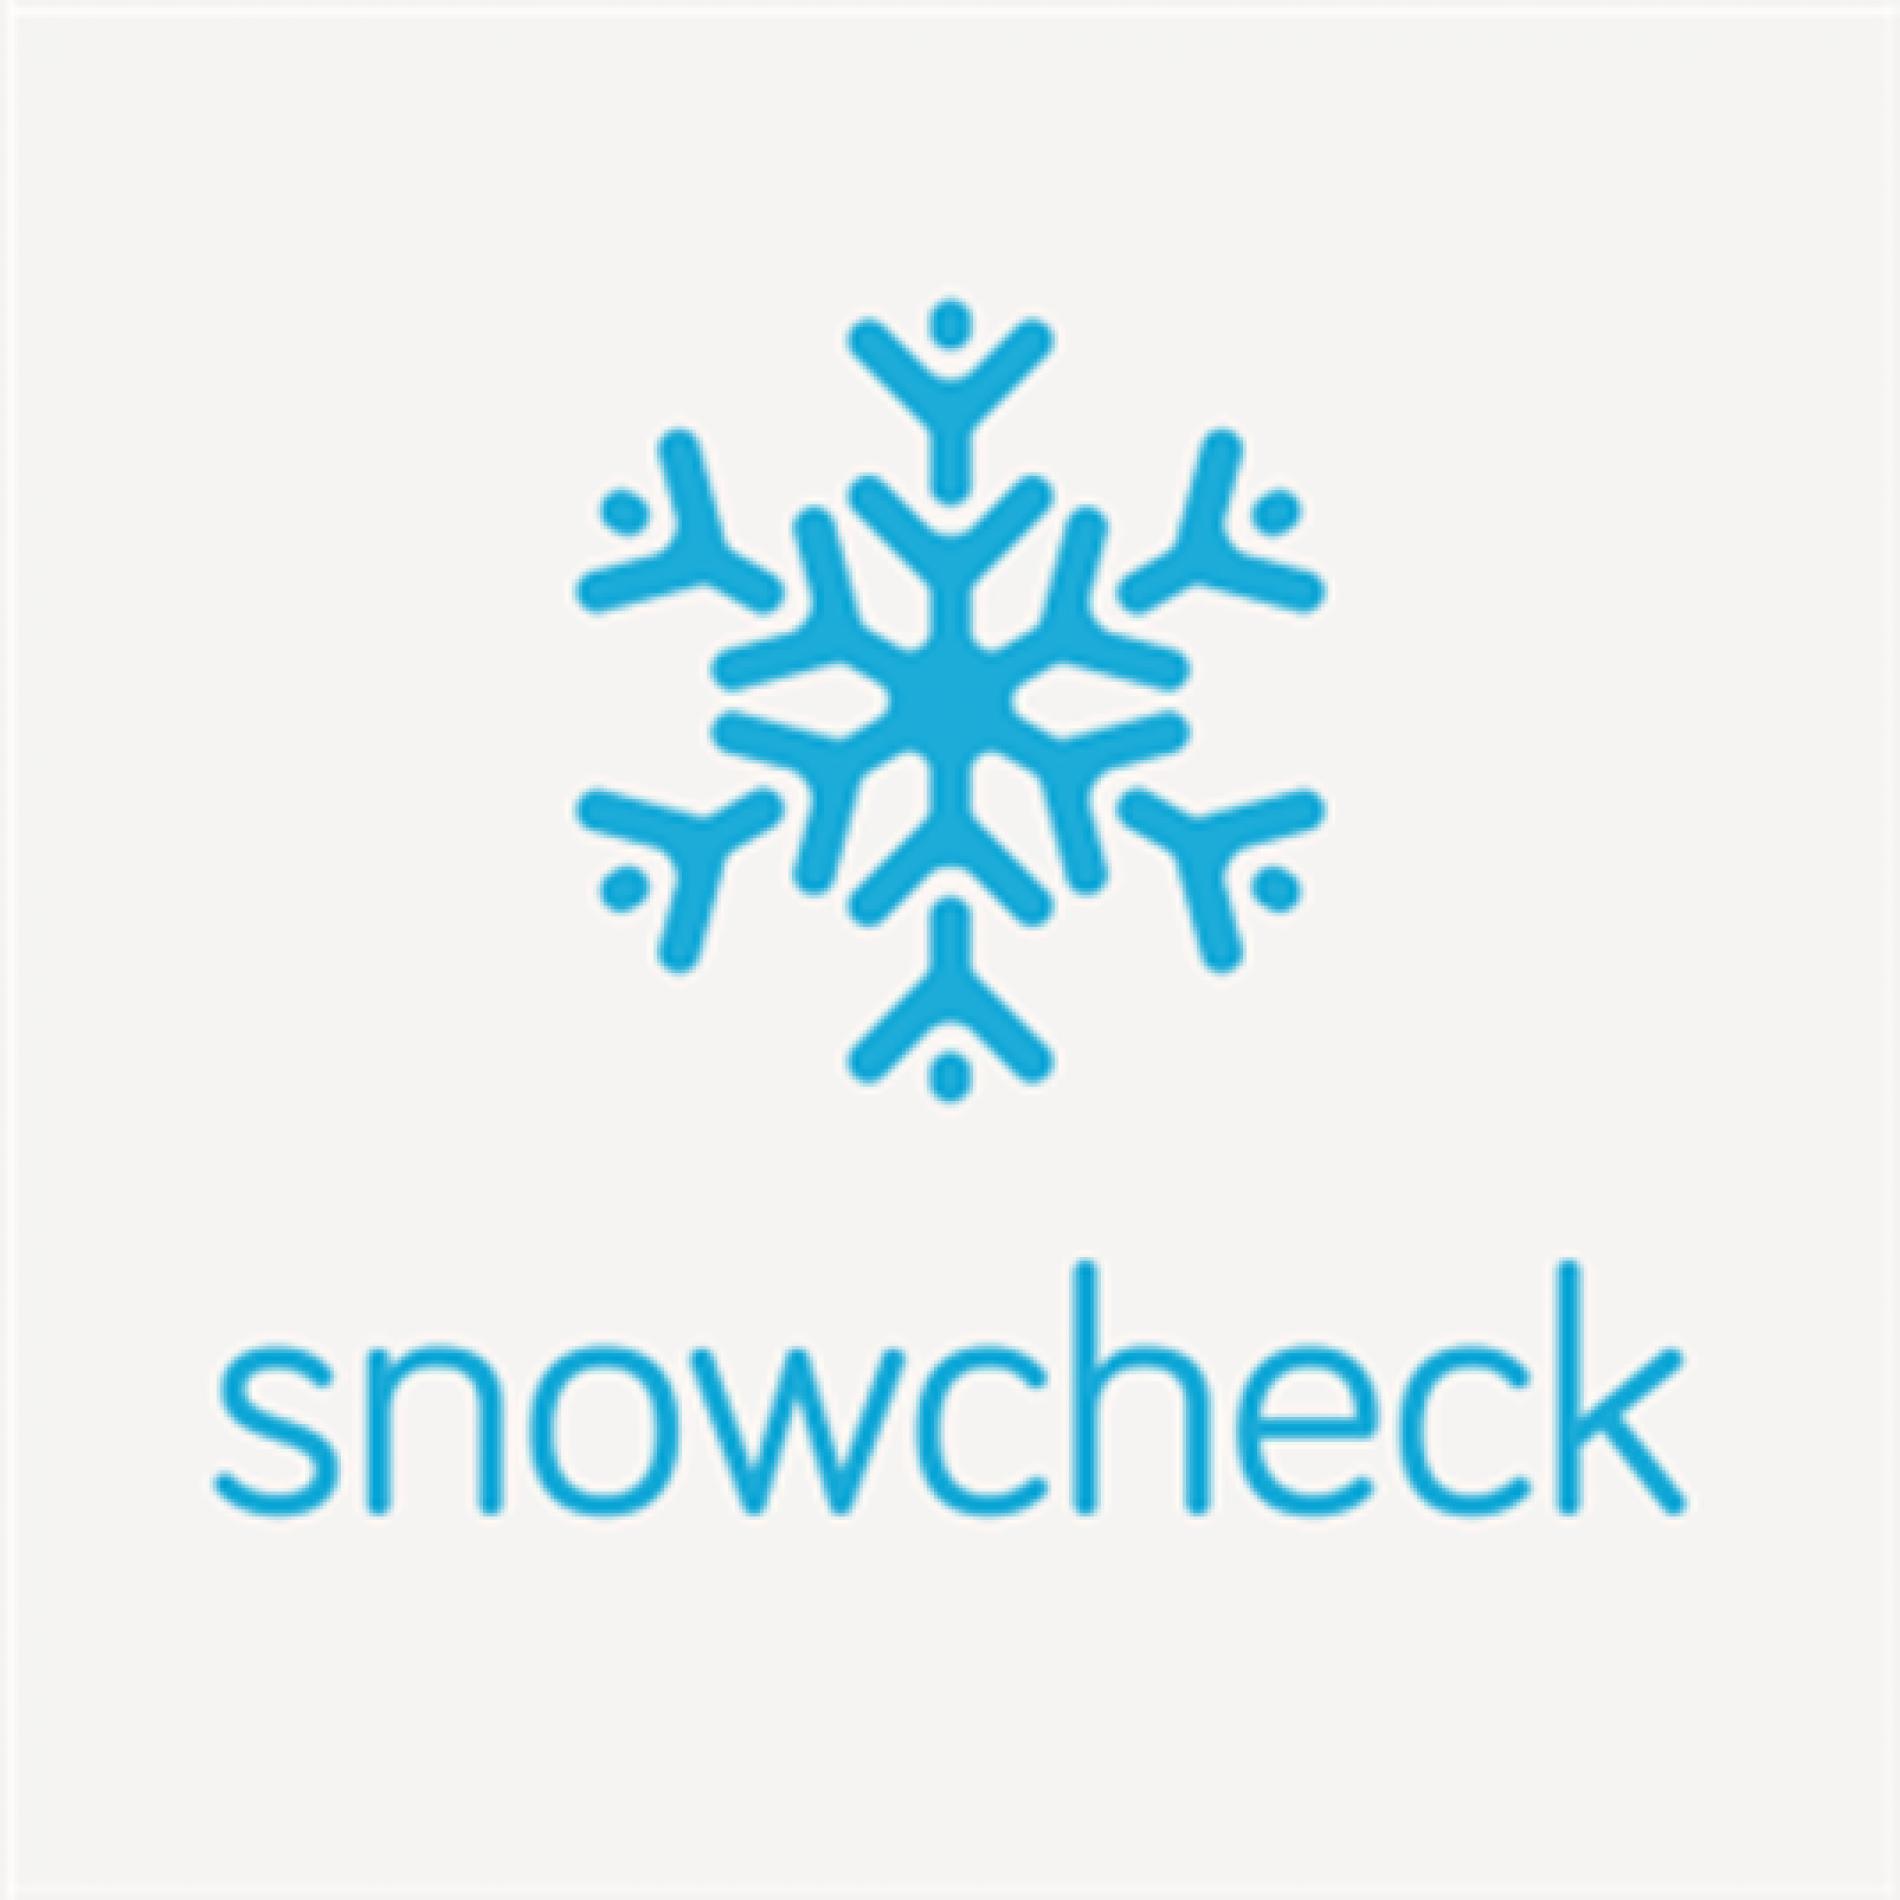 ¡Vete a la nieve con Snowcheck!